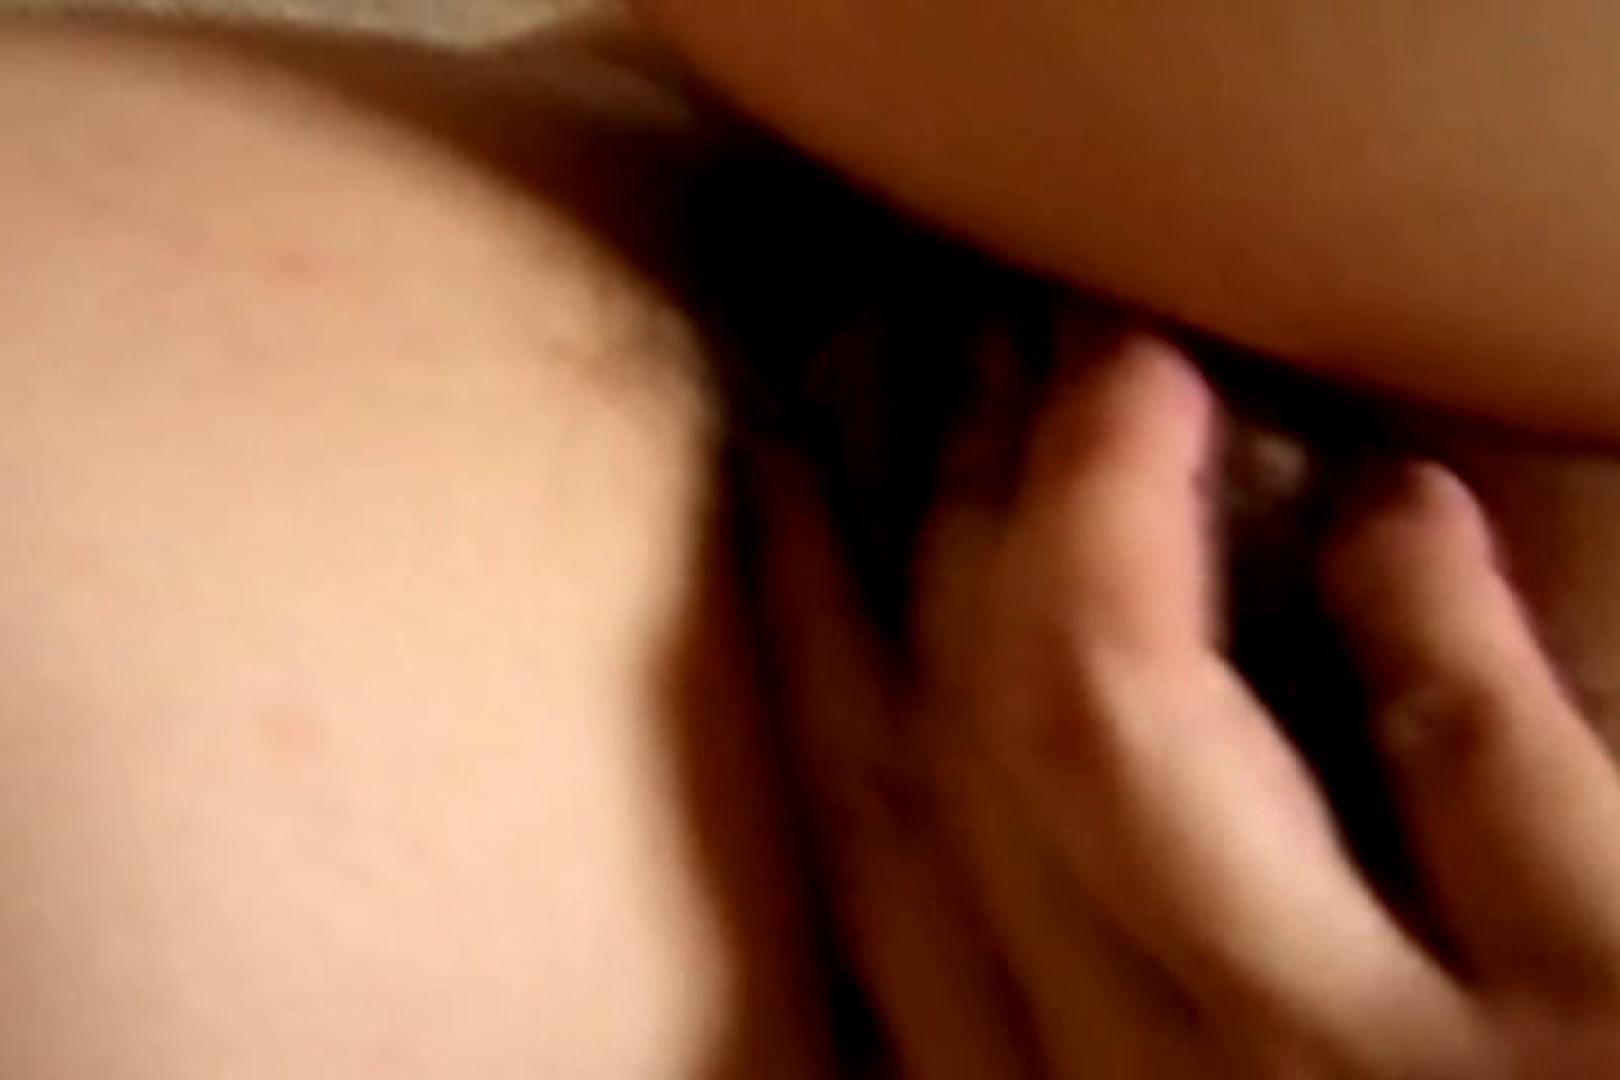 ウイルス流出 スクラムハット社長のアルバム バイブプレイ セックス画像 106pic 58